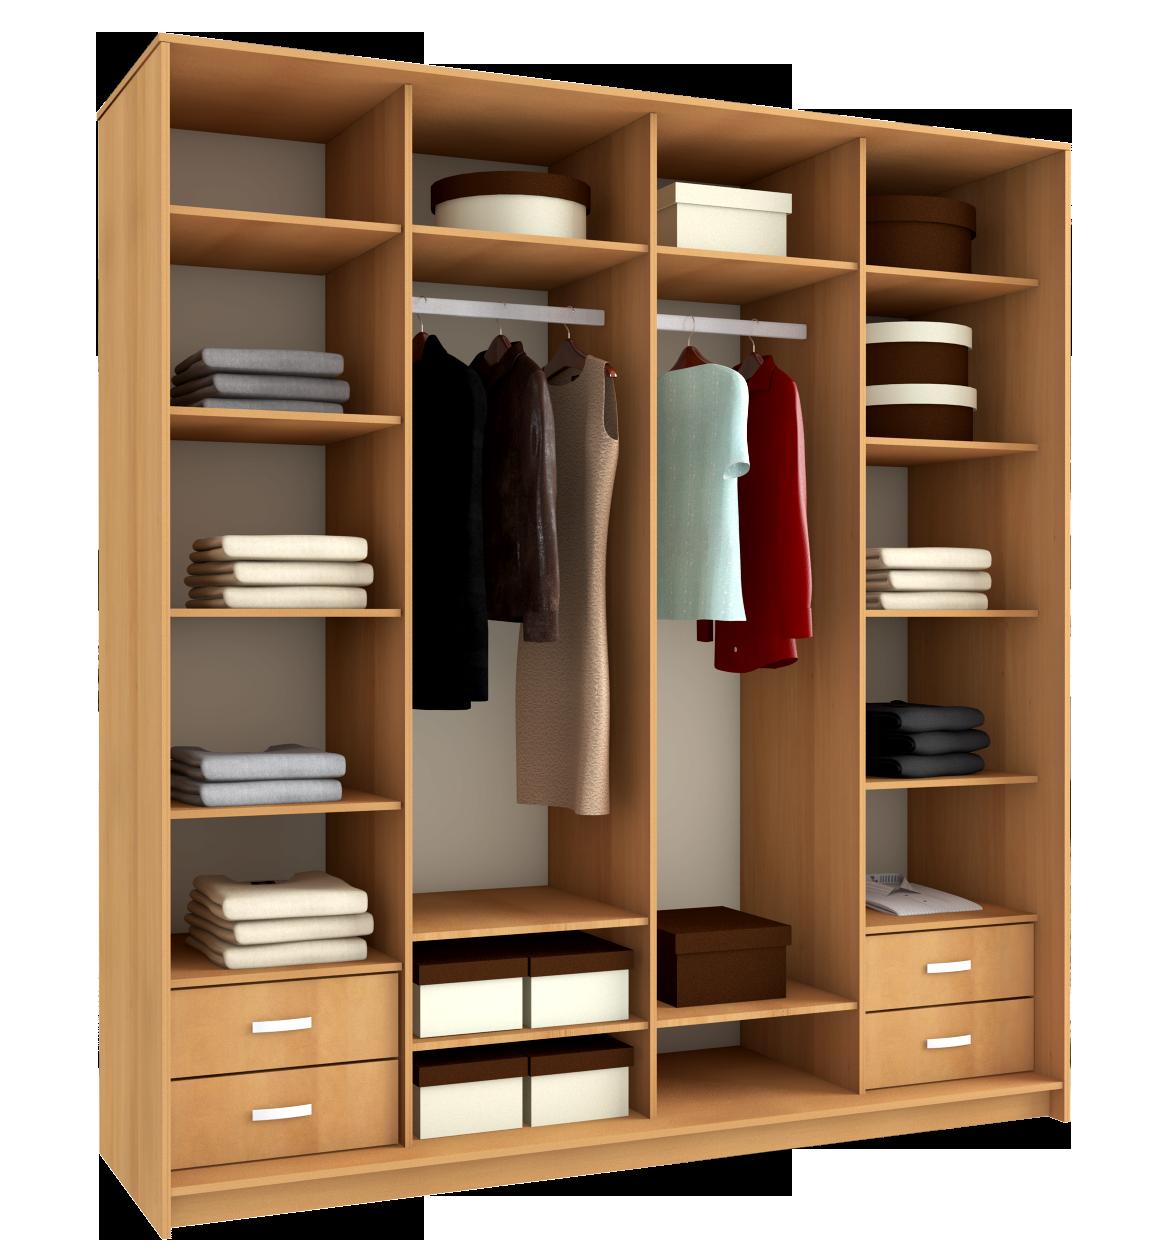 проект шкафов в прихожую схема